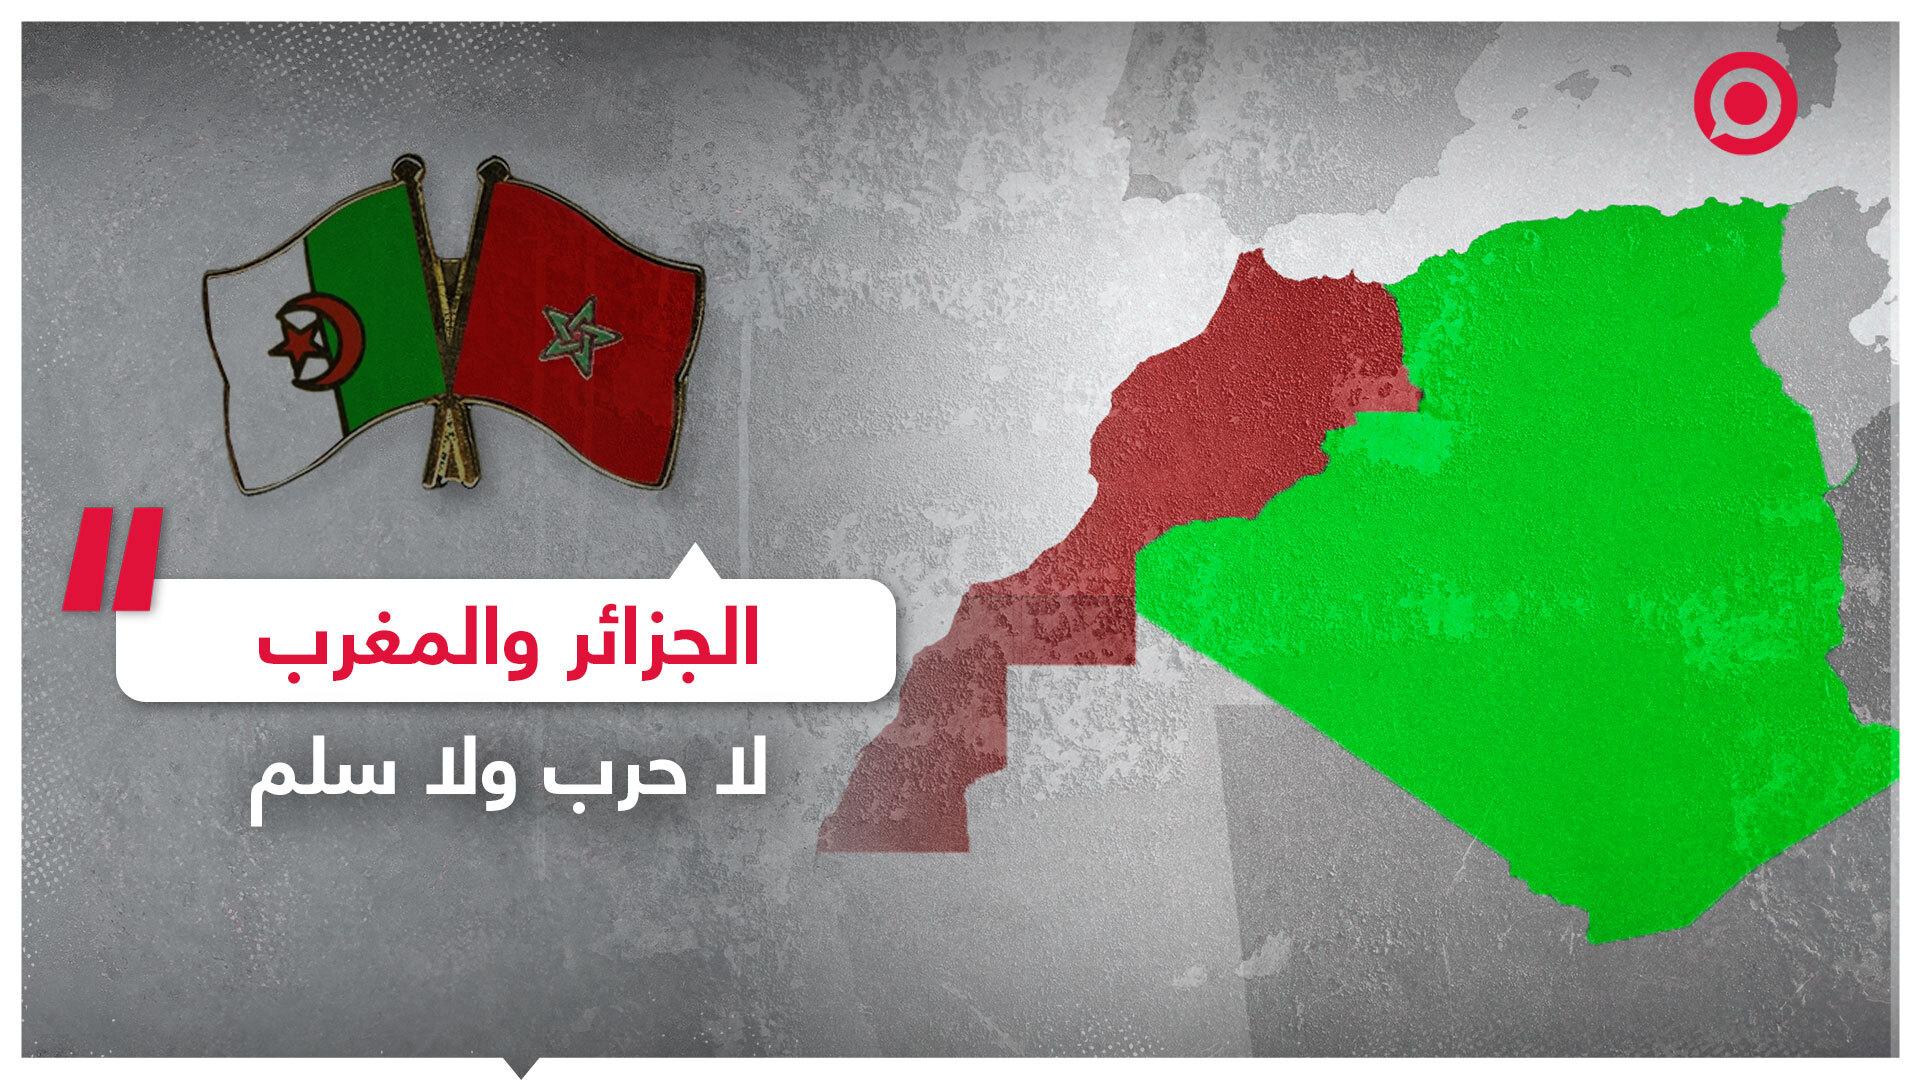 لا حرب ولا سلم بين الجزائر والمغرب